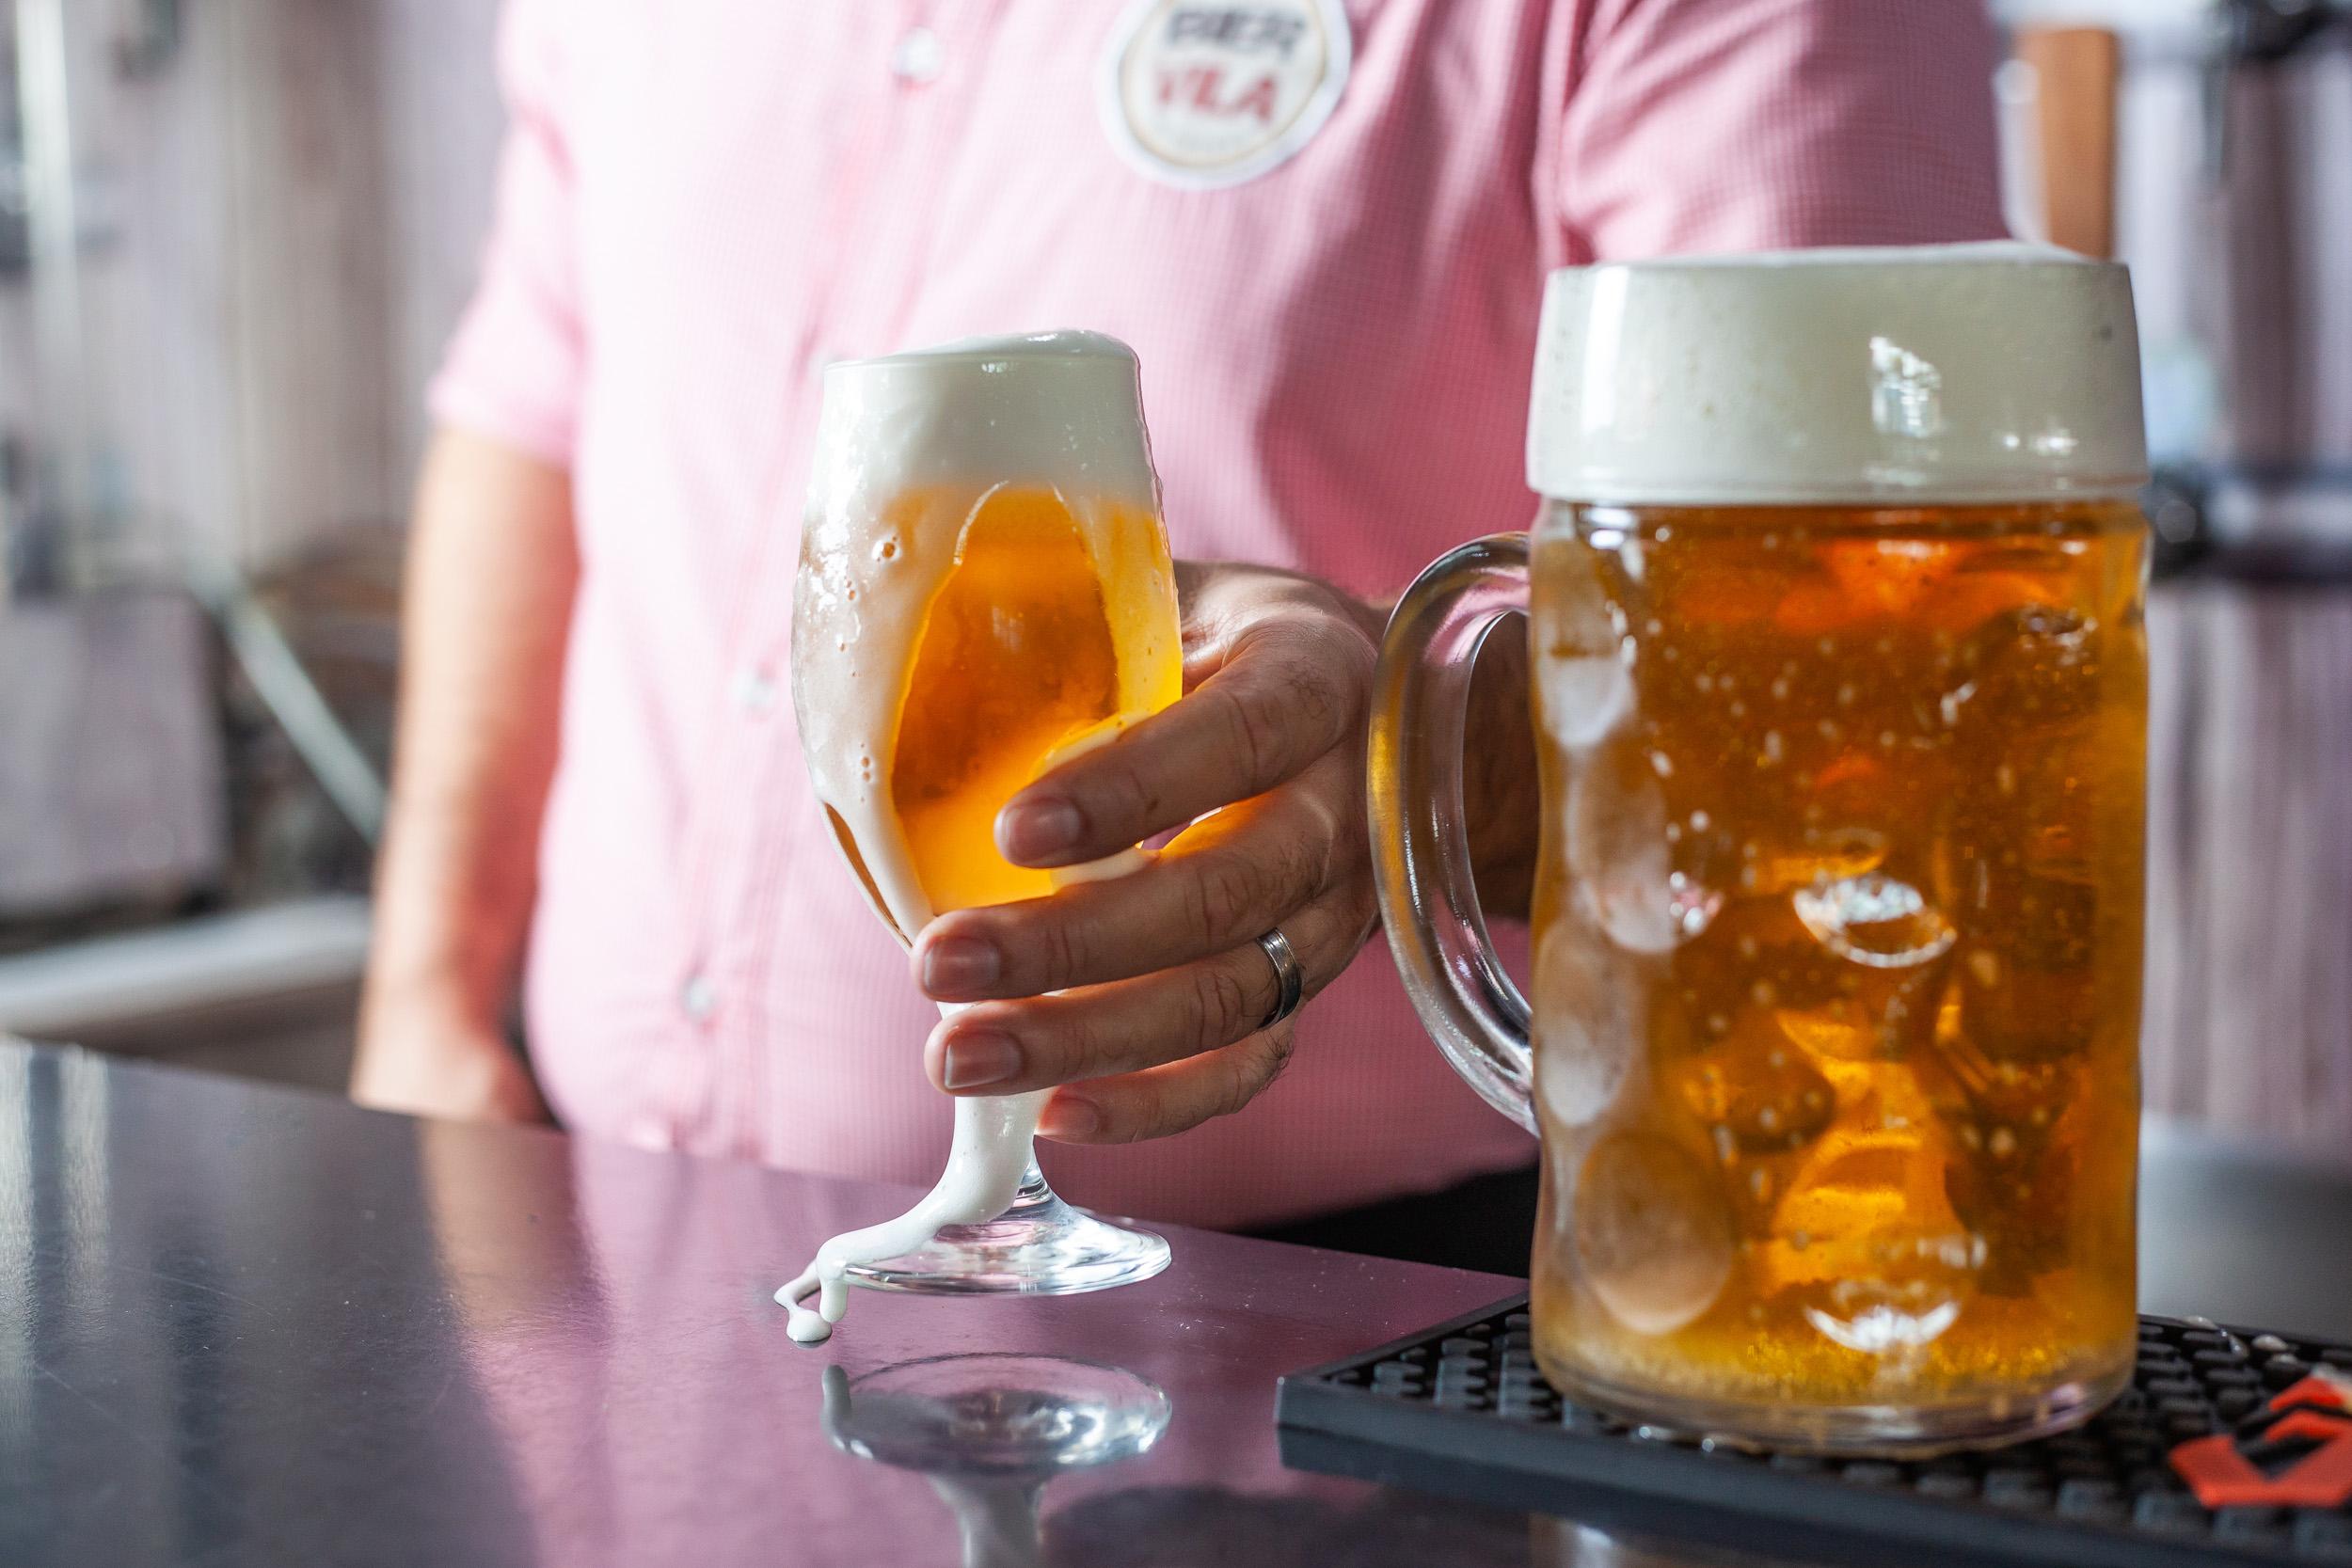 Chope para todos: bar de Blumenau (SC) conta agora com versão sem glúten no cardápio